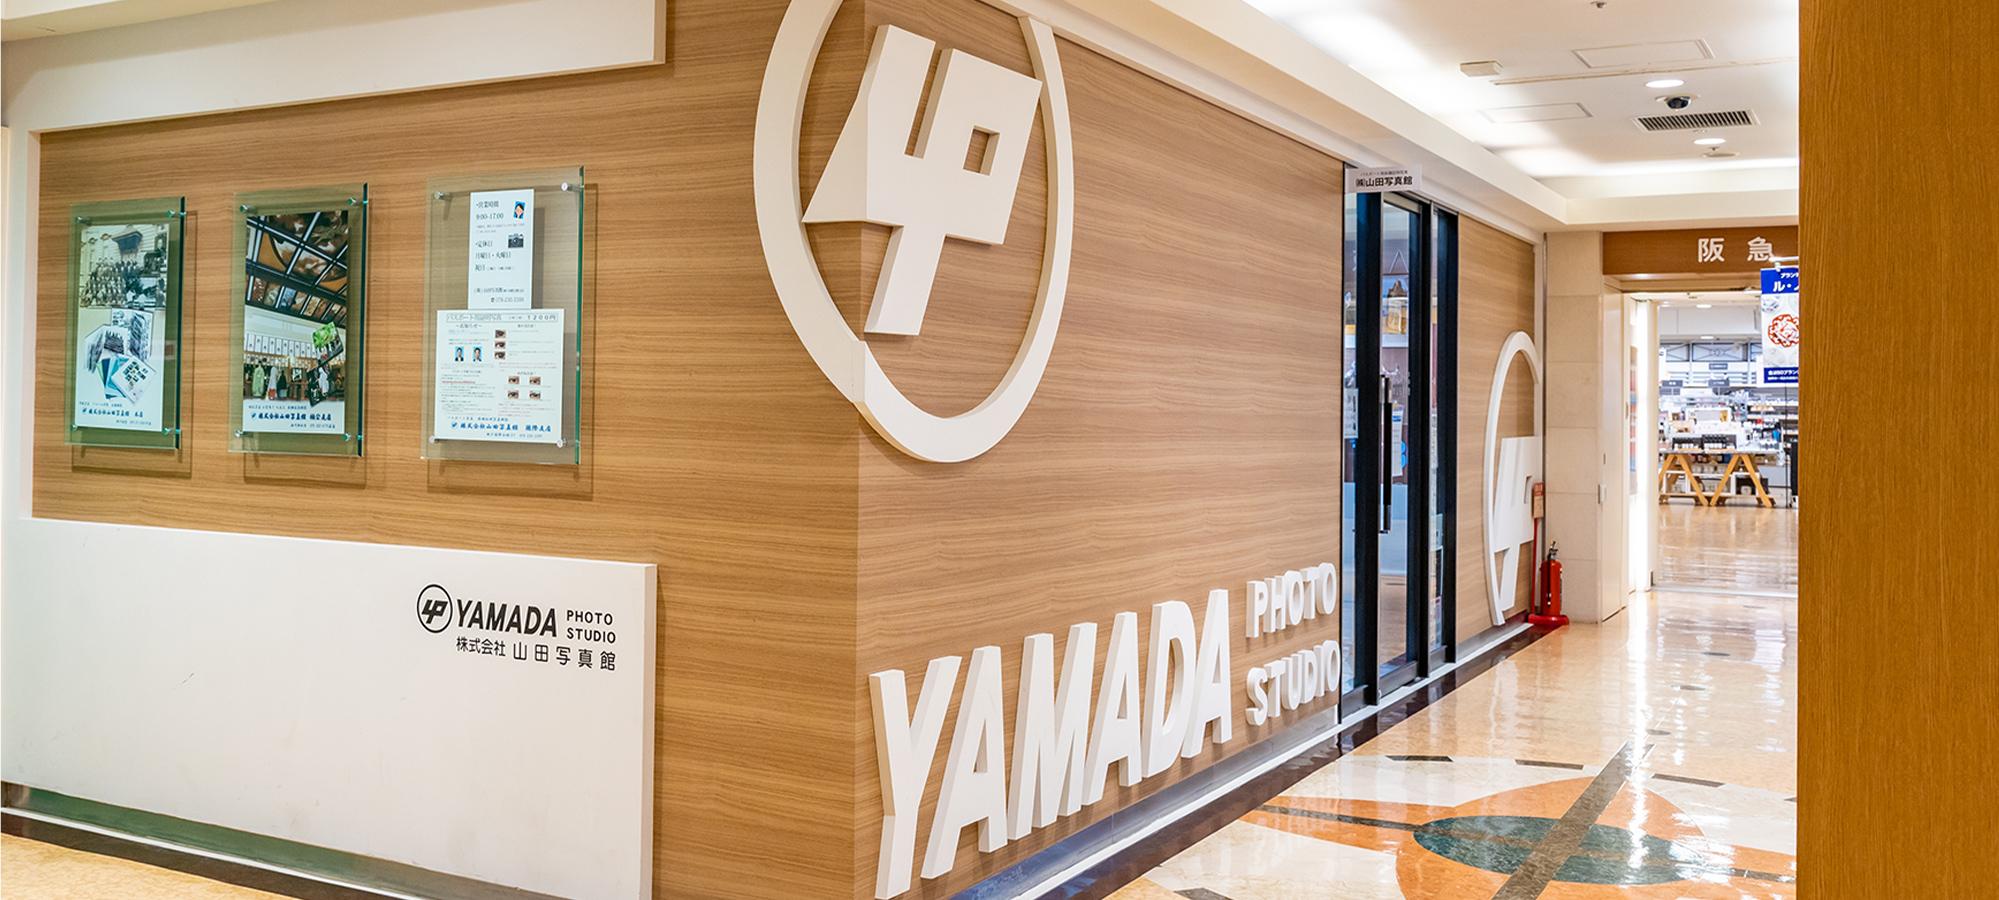 山田写真館 国際会館店 -YAMADA PHOTO STUDIO-